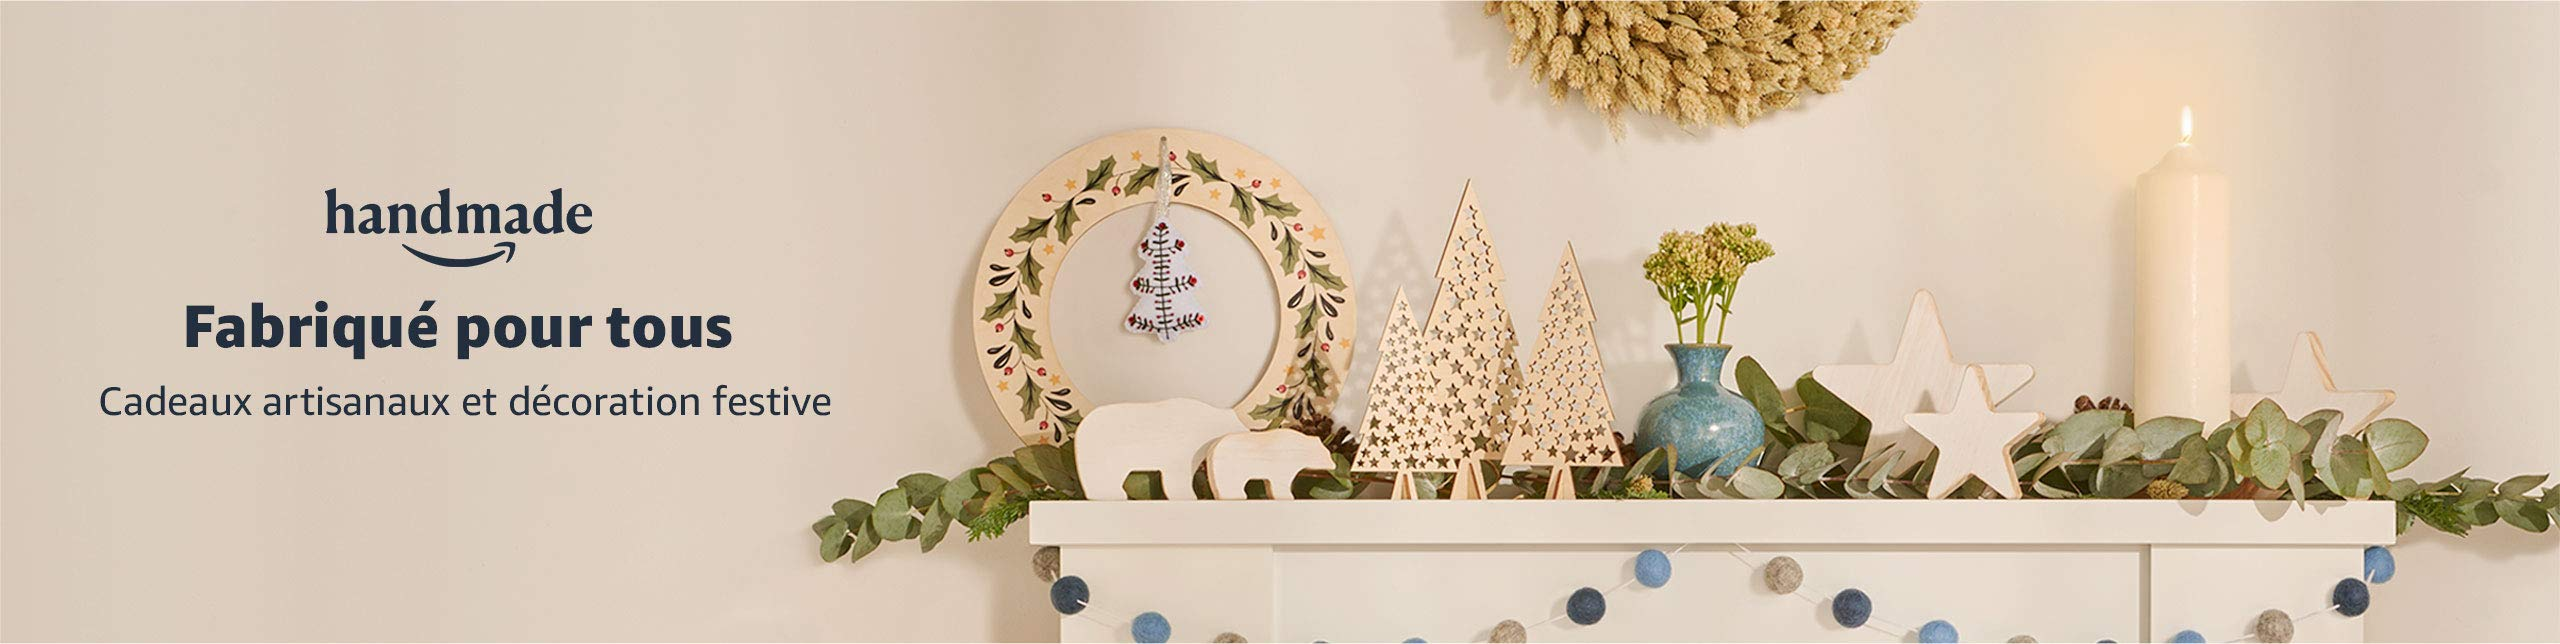 Cadeaux artisanaux et décoration festive